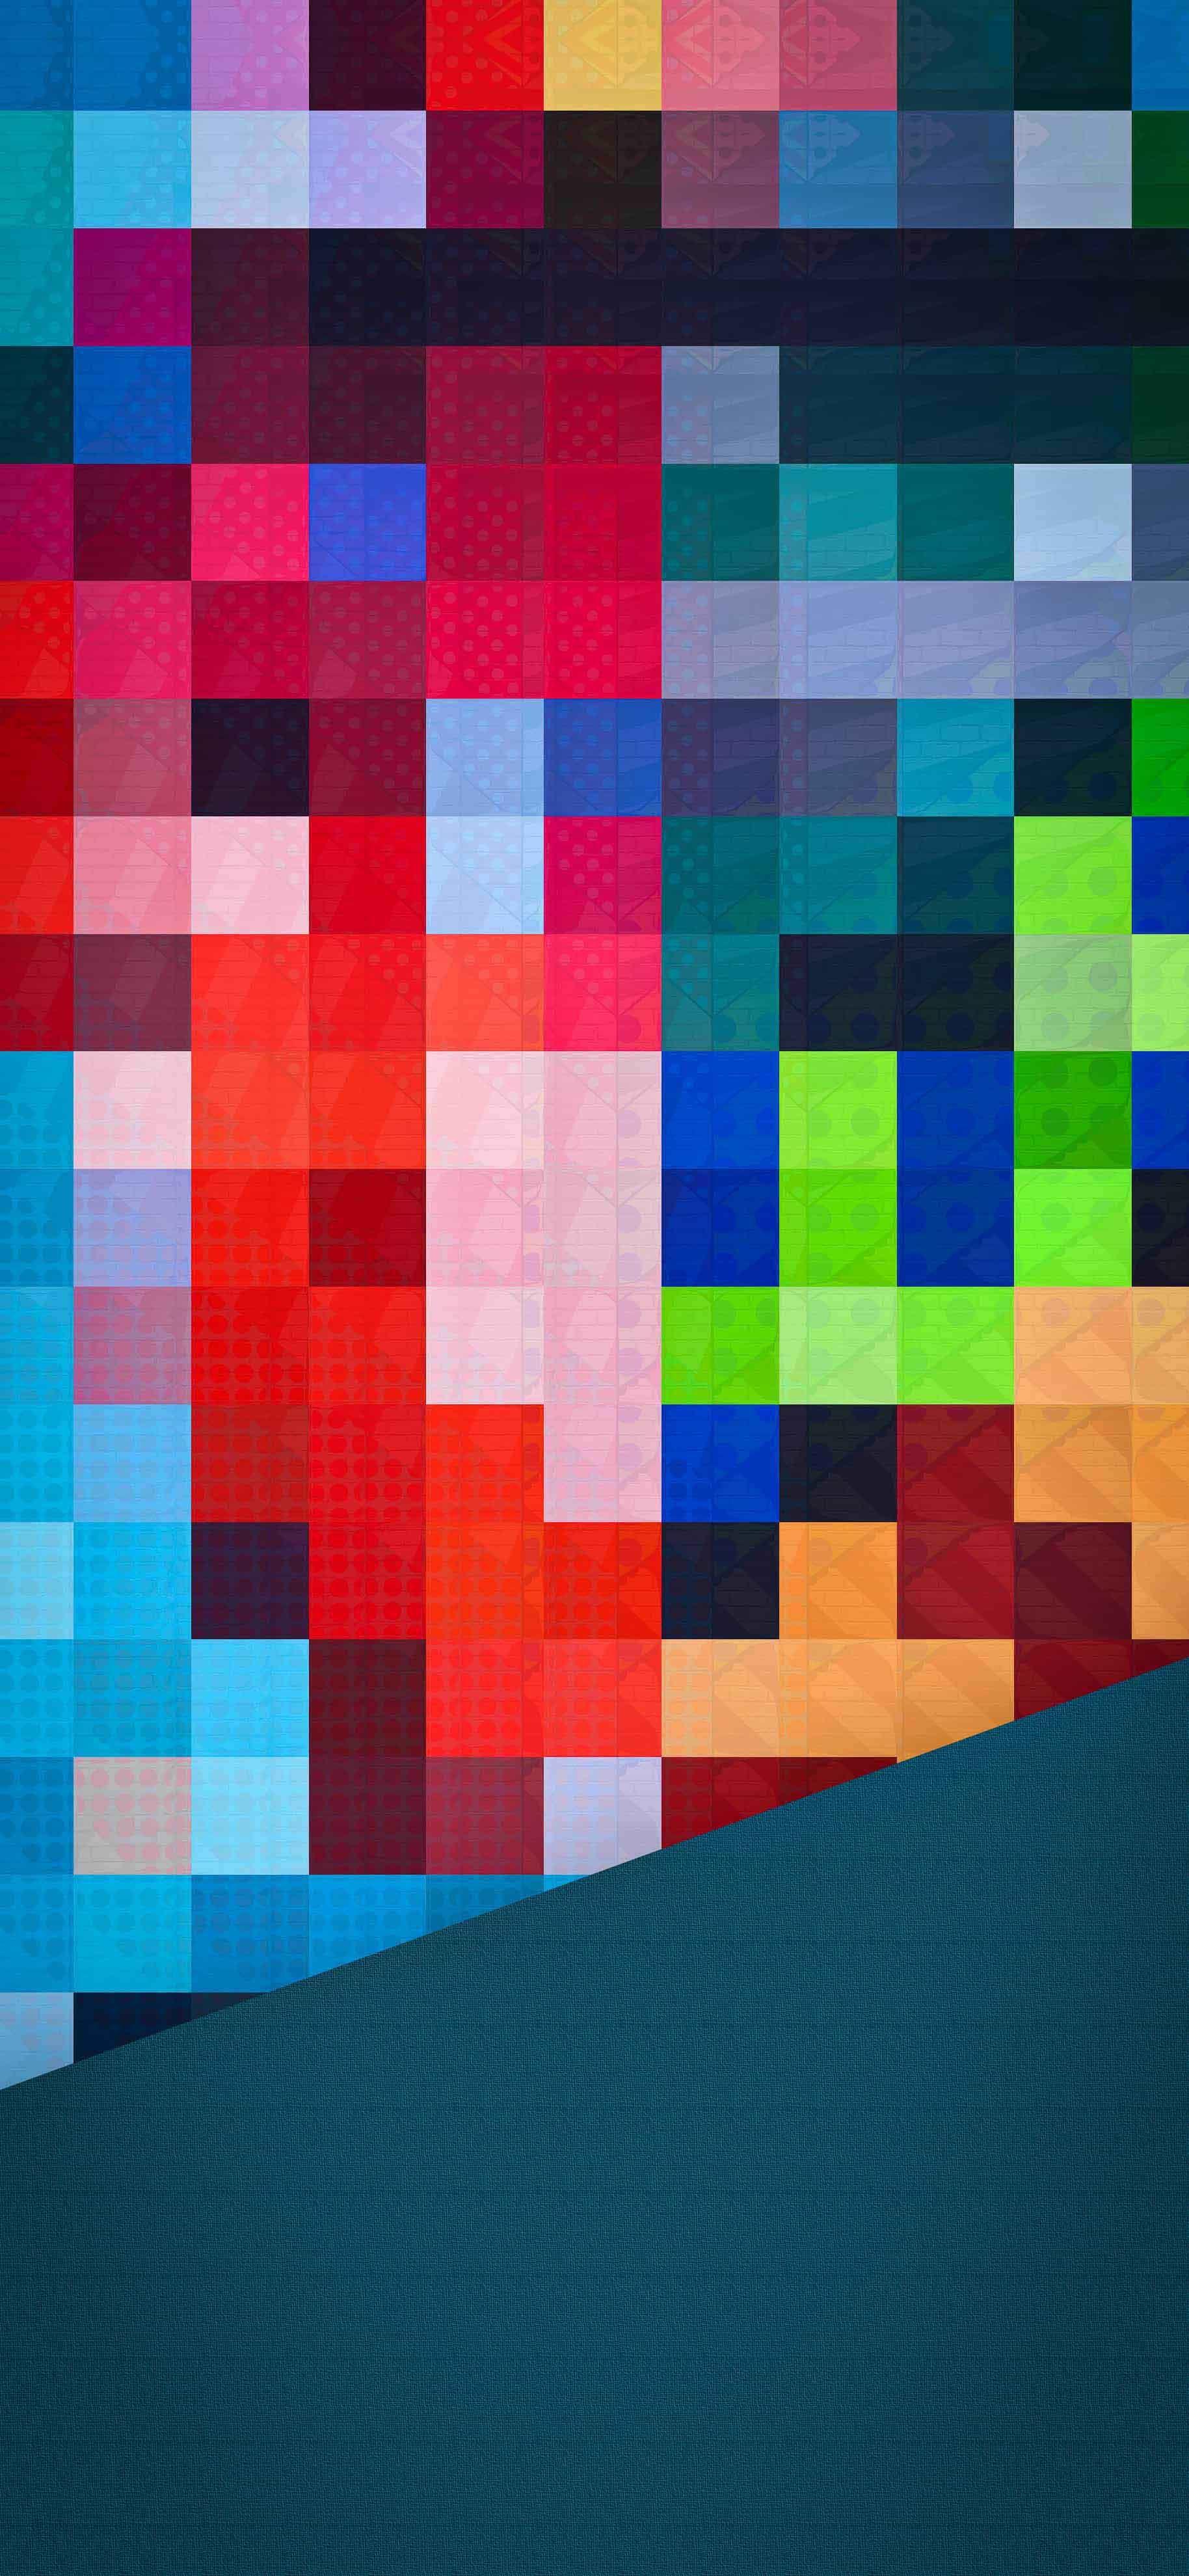 خلفيات ايفون Iphone Homescreen Wallpaper Iphone Lockscreen Wallpaper Apple Wallpaper Iphone